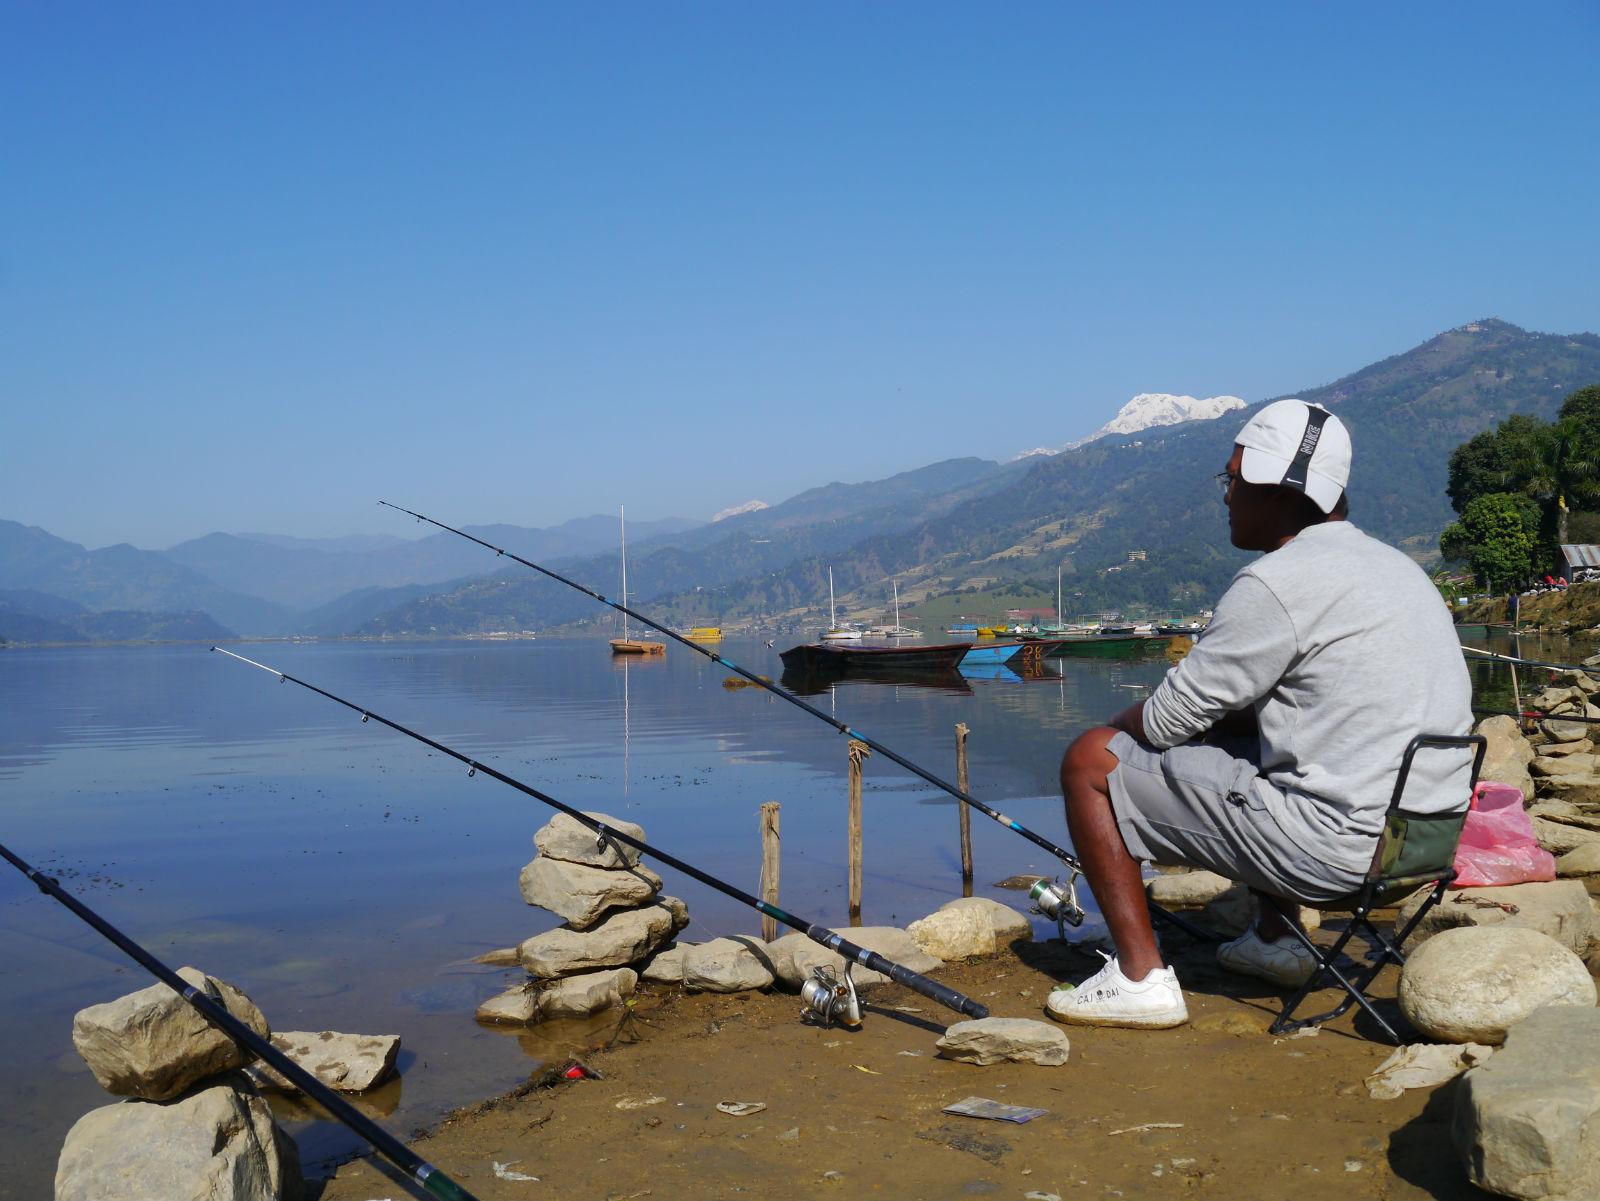 有一个老人在湖边钓鱼 有一个年轻人 男的 问那个老人